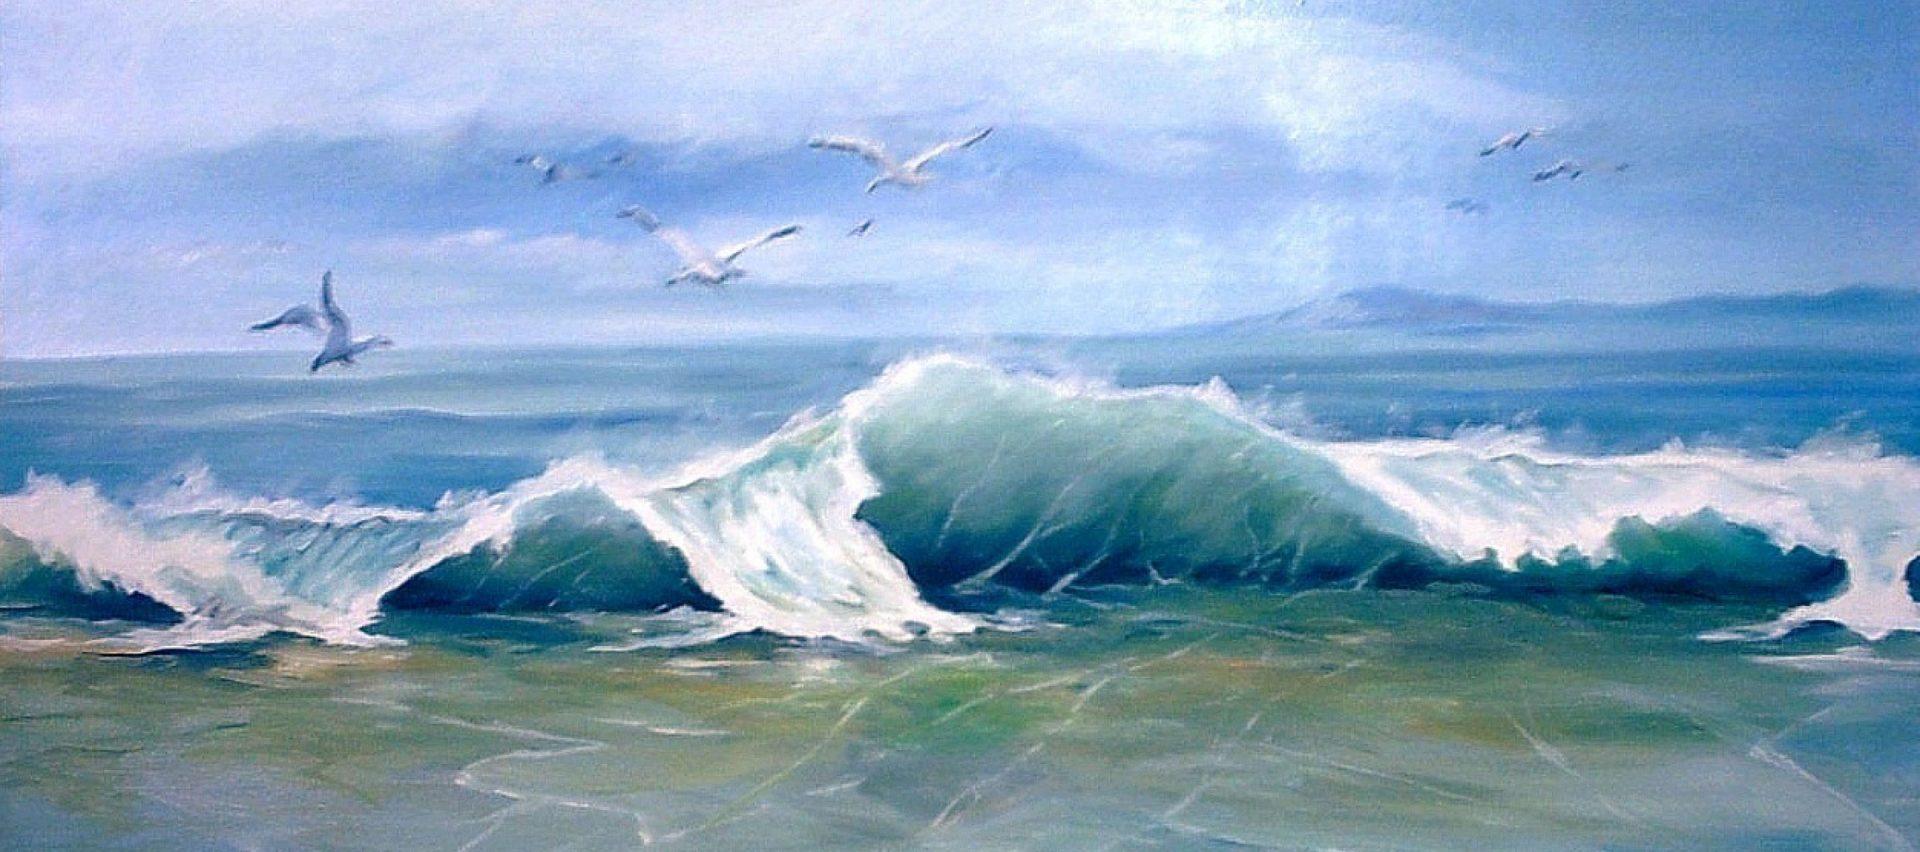 Ilustración de costa con olas